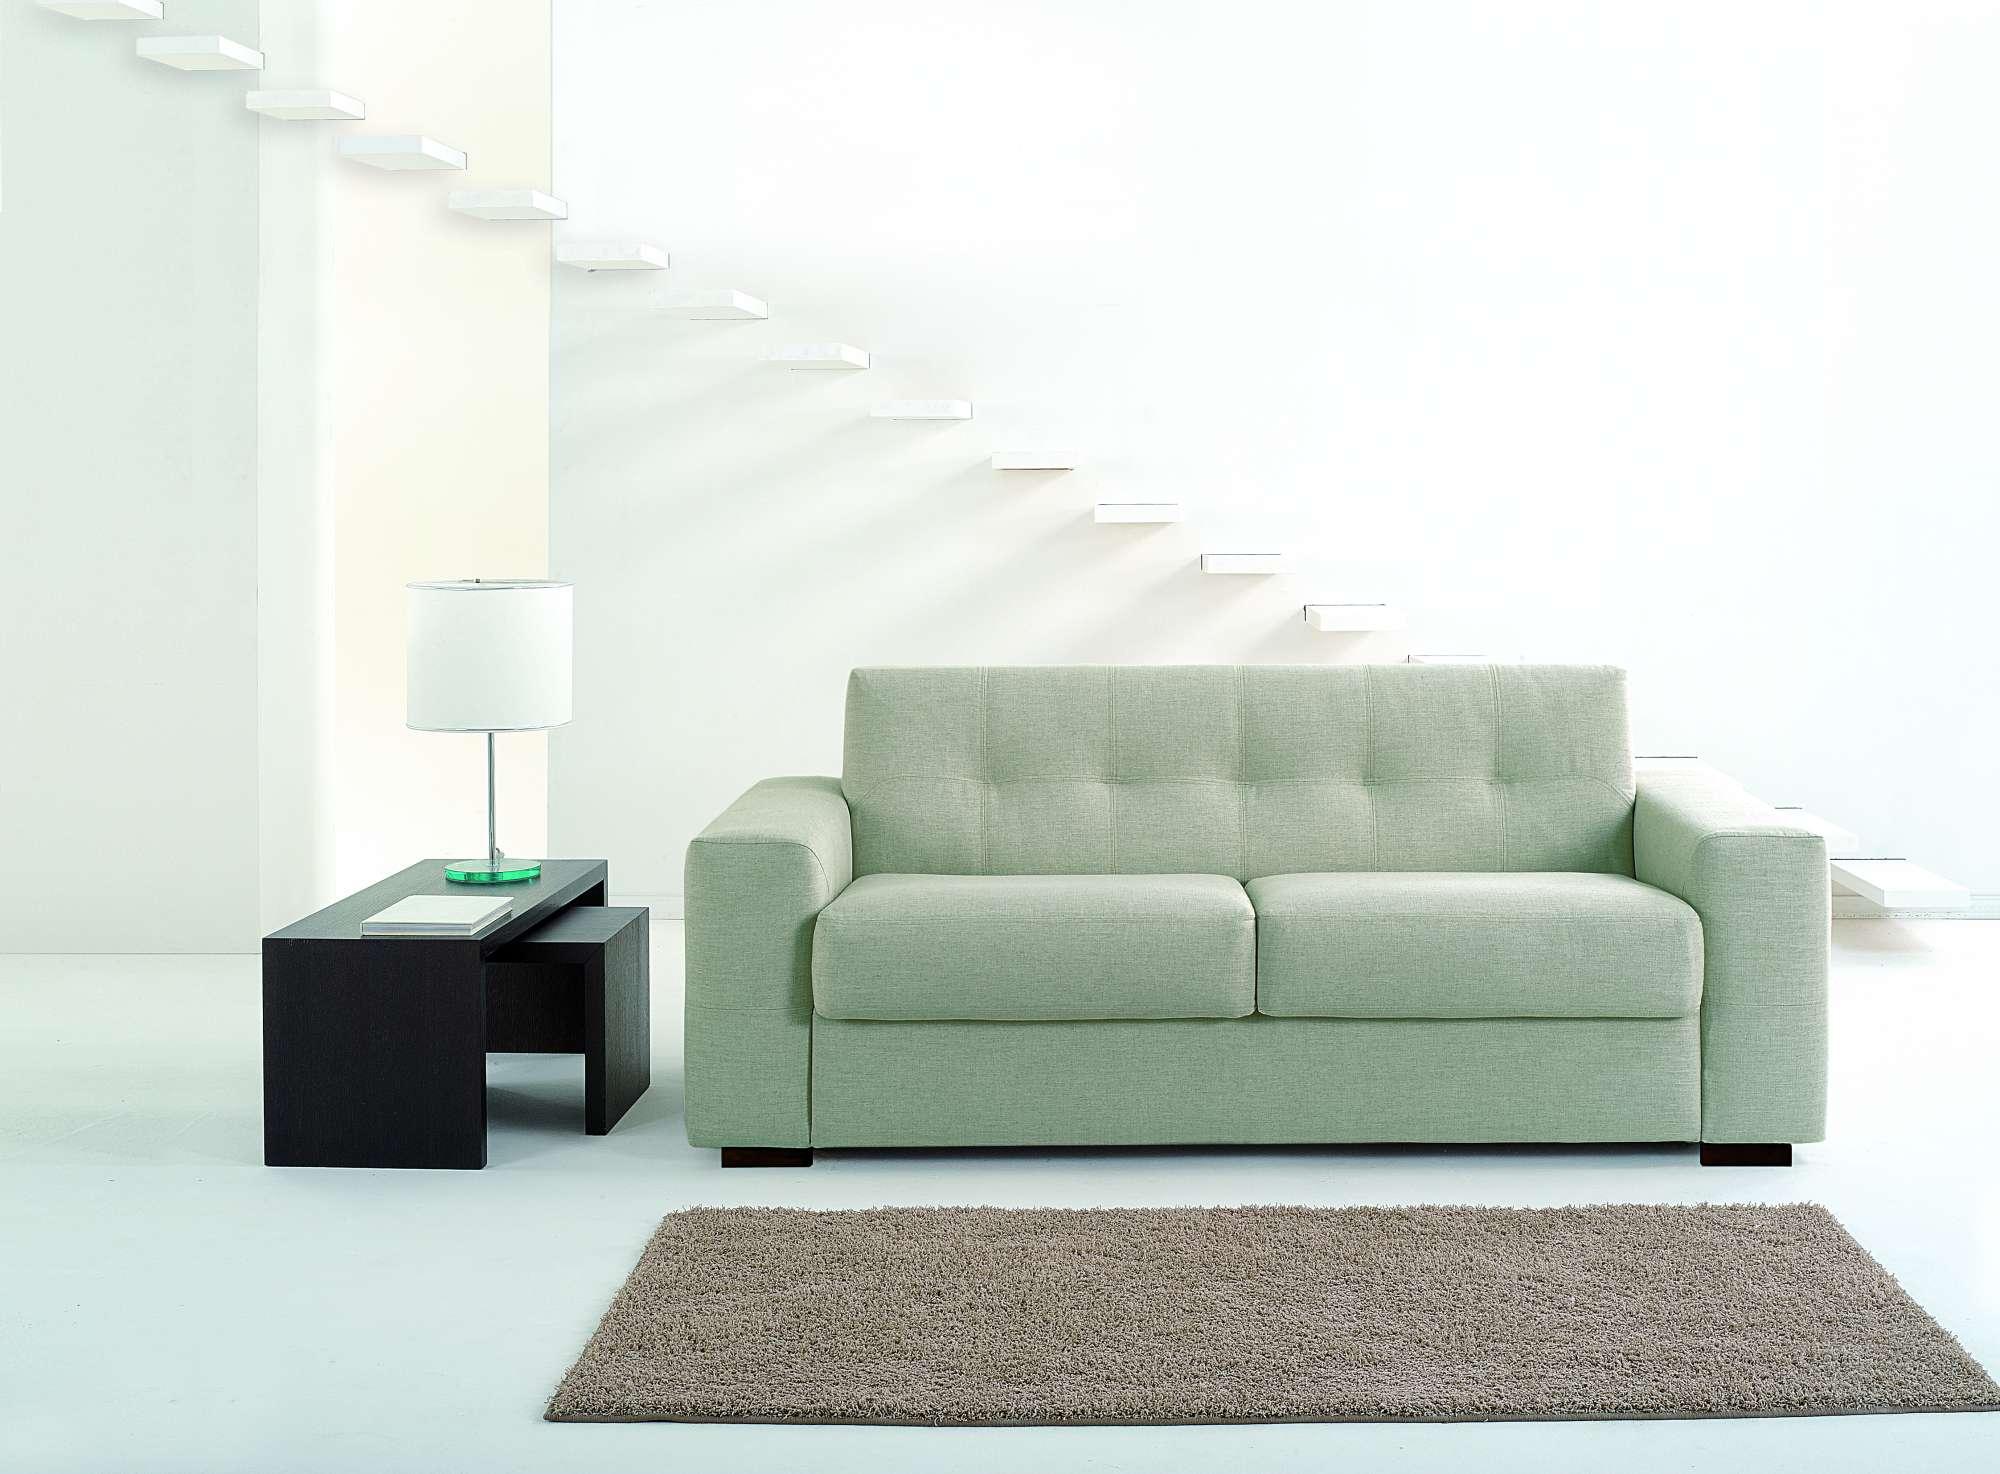 One divani letto con chaise longue collezione moderni for Divani moderni con chaise longue